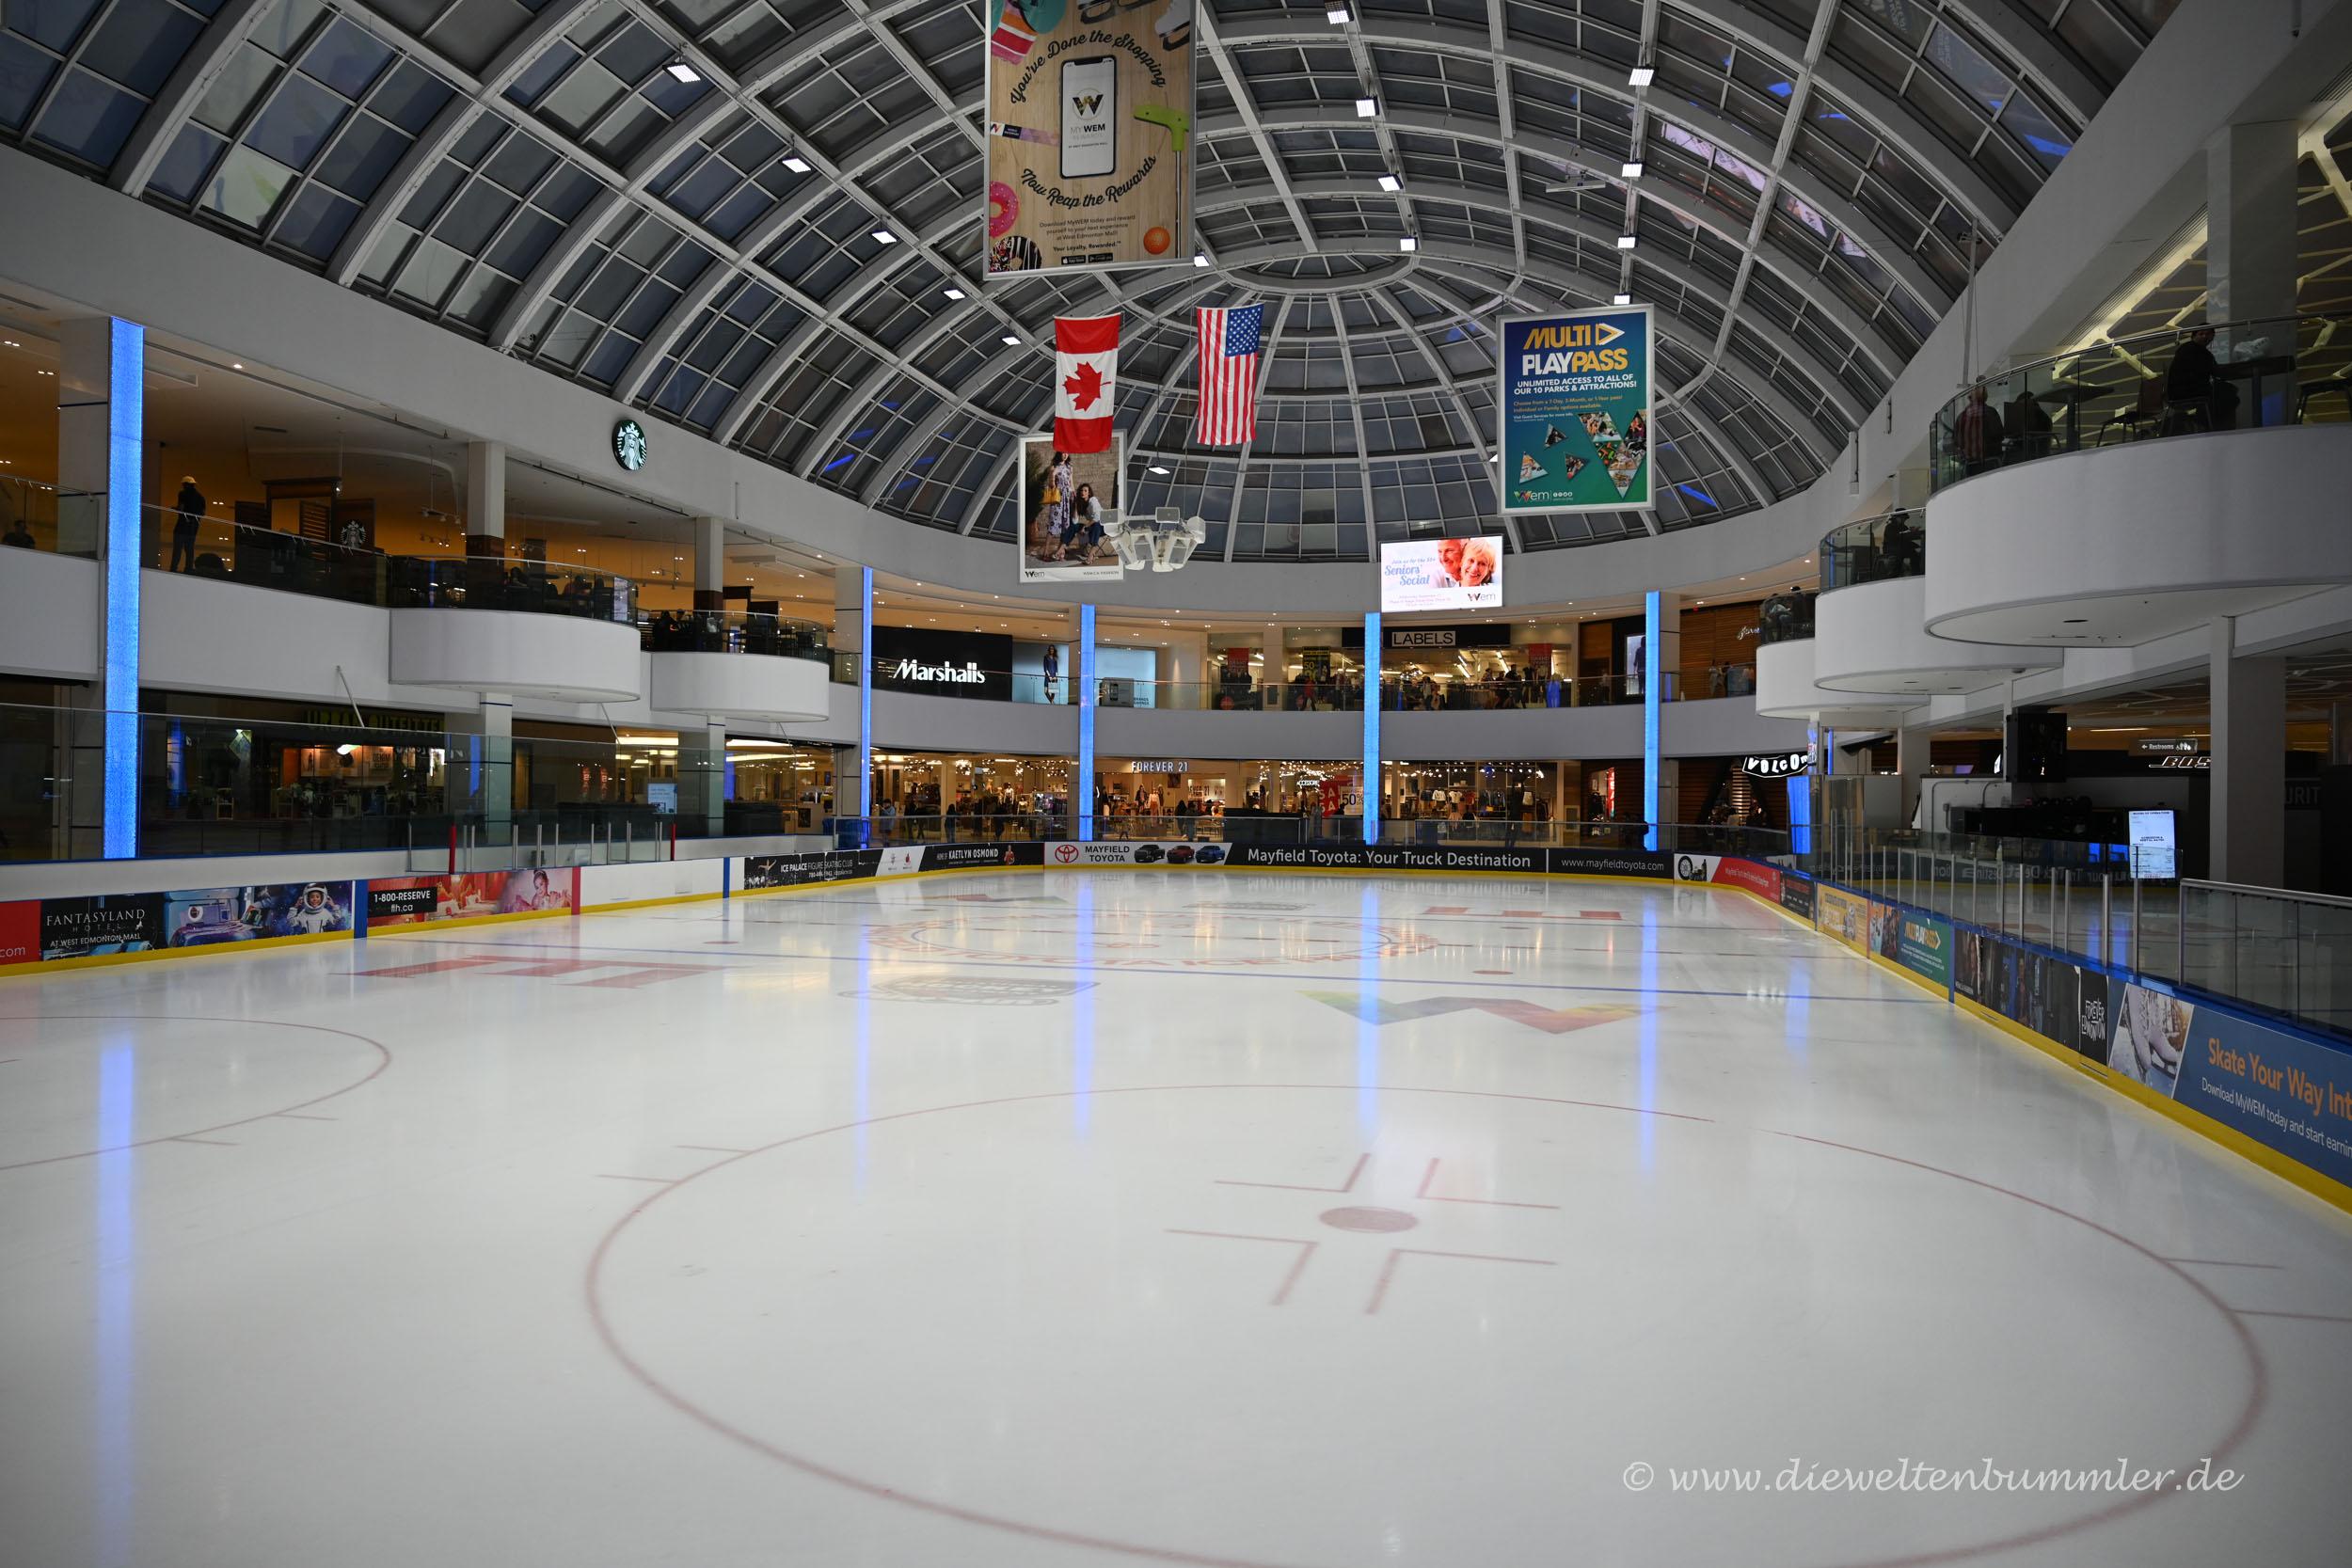 Eisbahn in der Mall